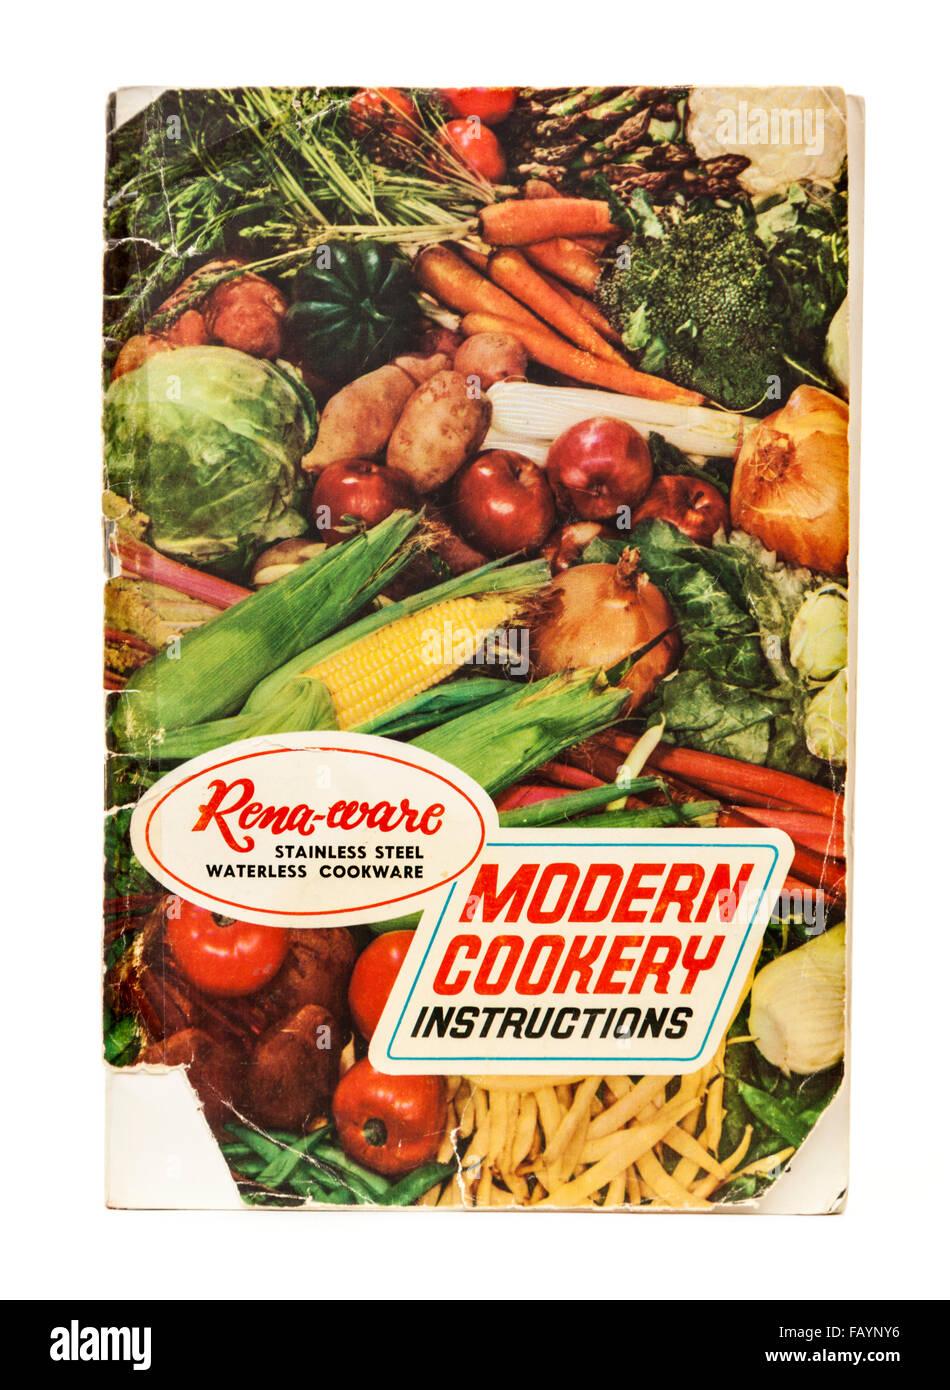 """Vintage 1970 Rena-ware' sans eau """"cuisine inoxydable livret d'instructions. Photo Stock"""